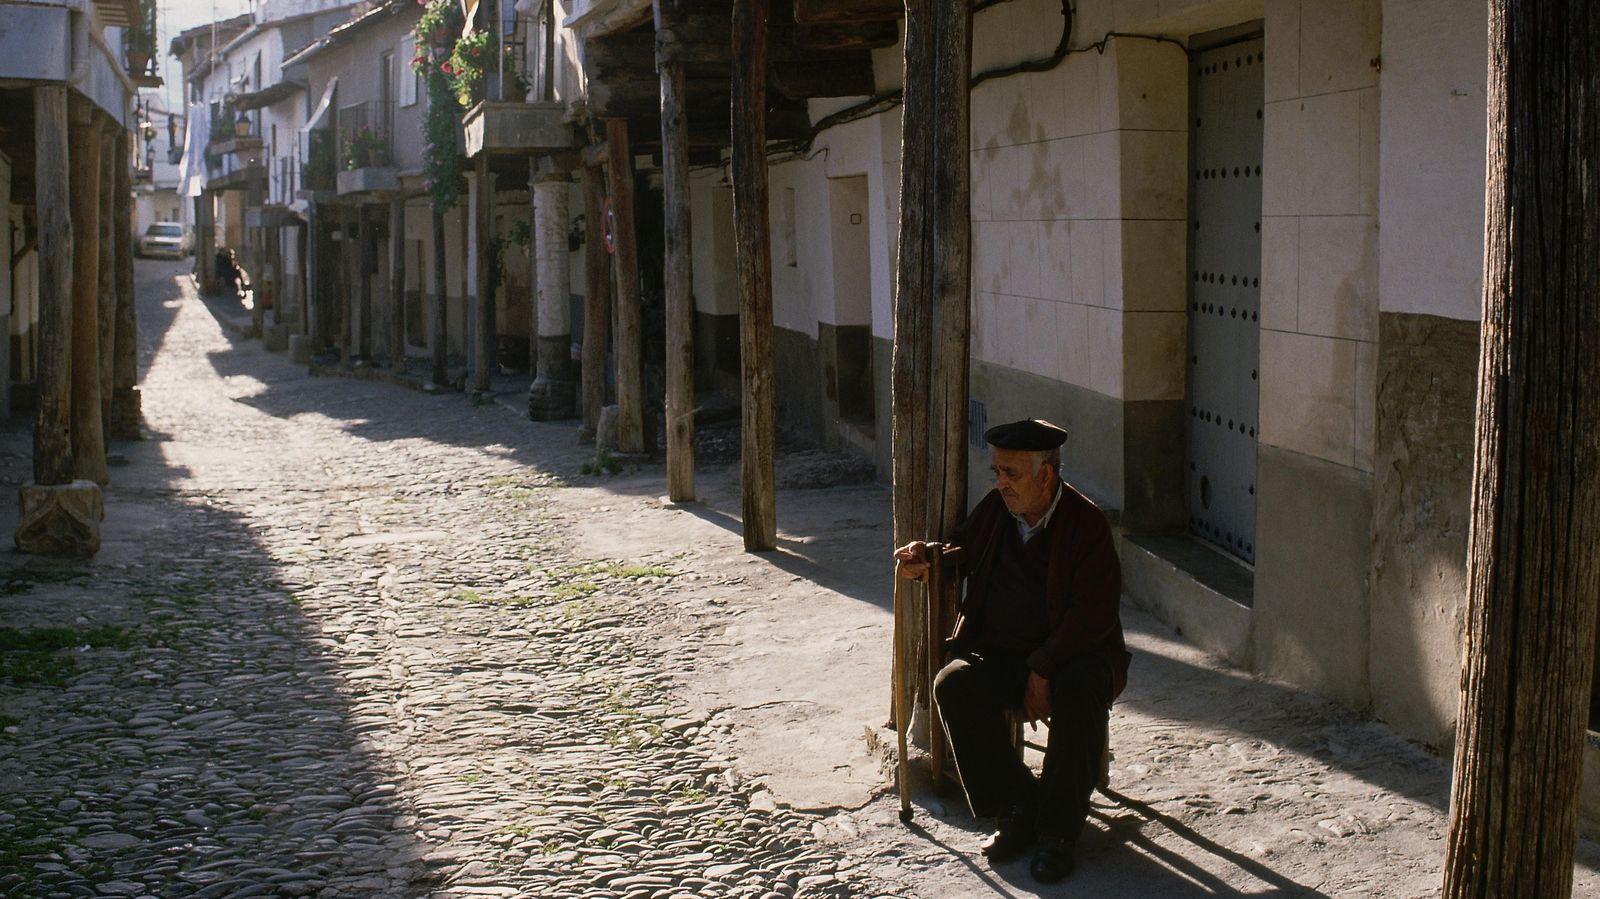 Foto: Podemos aprender mucho de nuestros mayores... pero no siempre deberíamos hacerles caso. (Corbis)